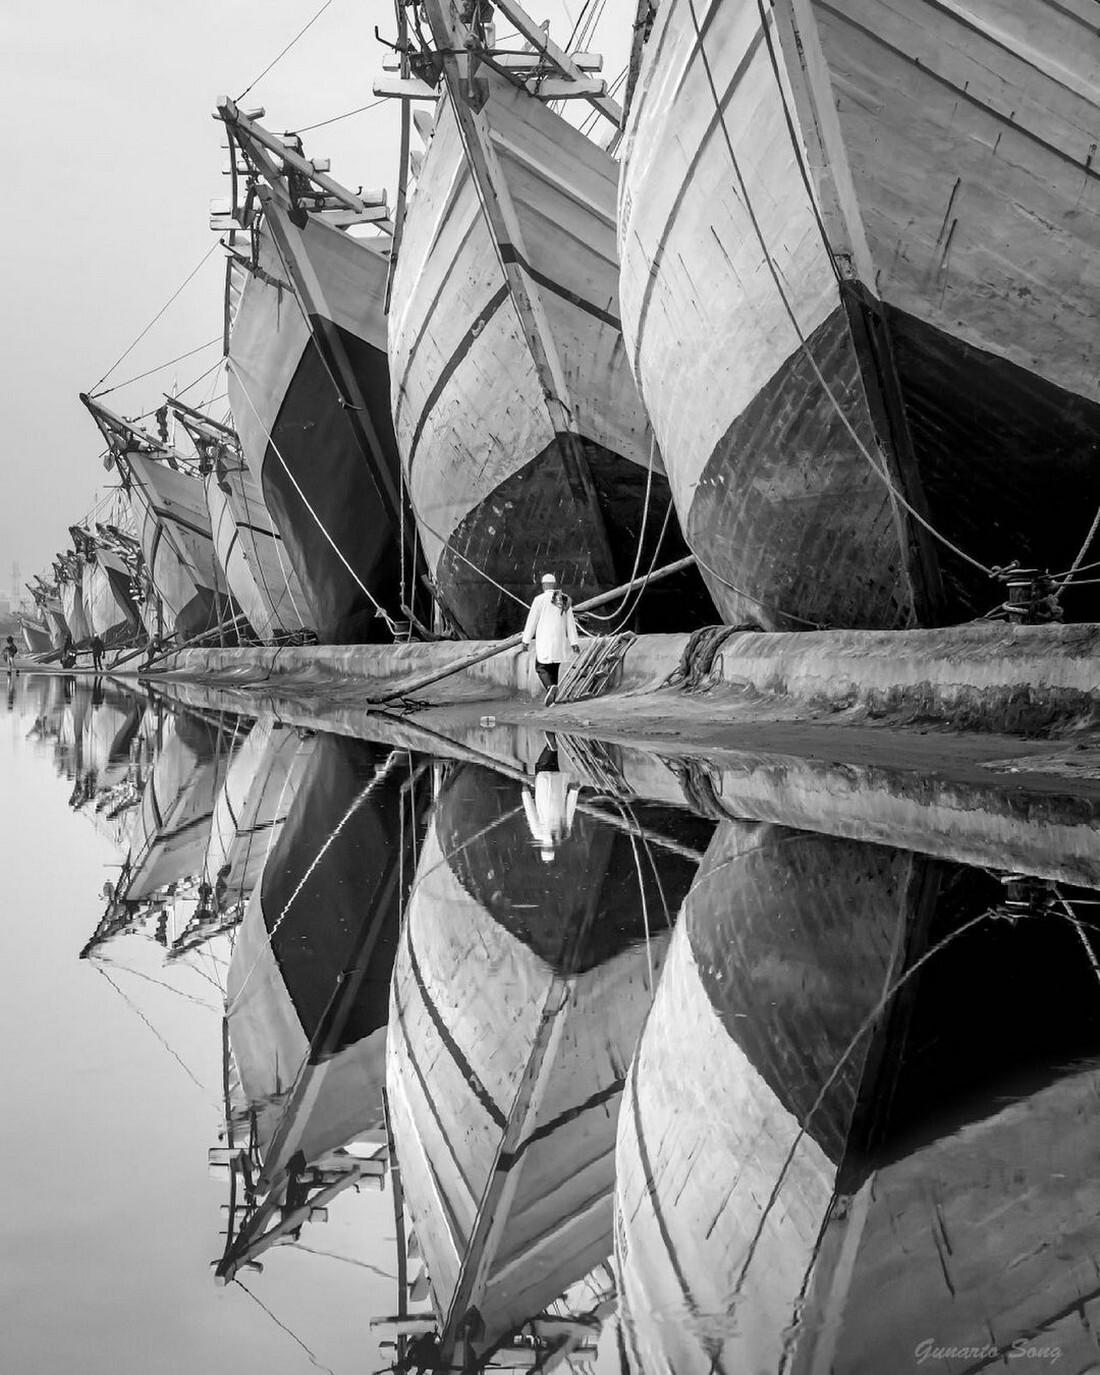 Гавань Джакарты. Фотограф Gunarto Song